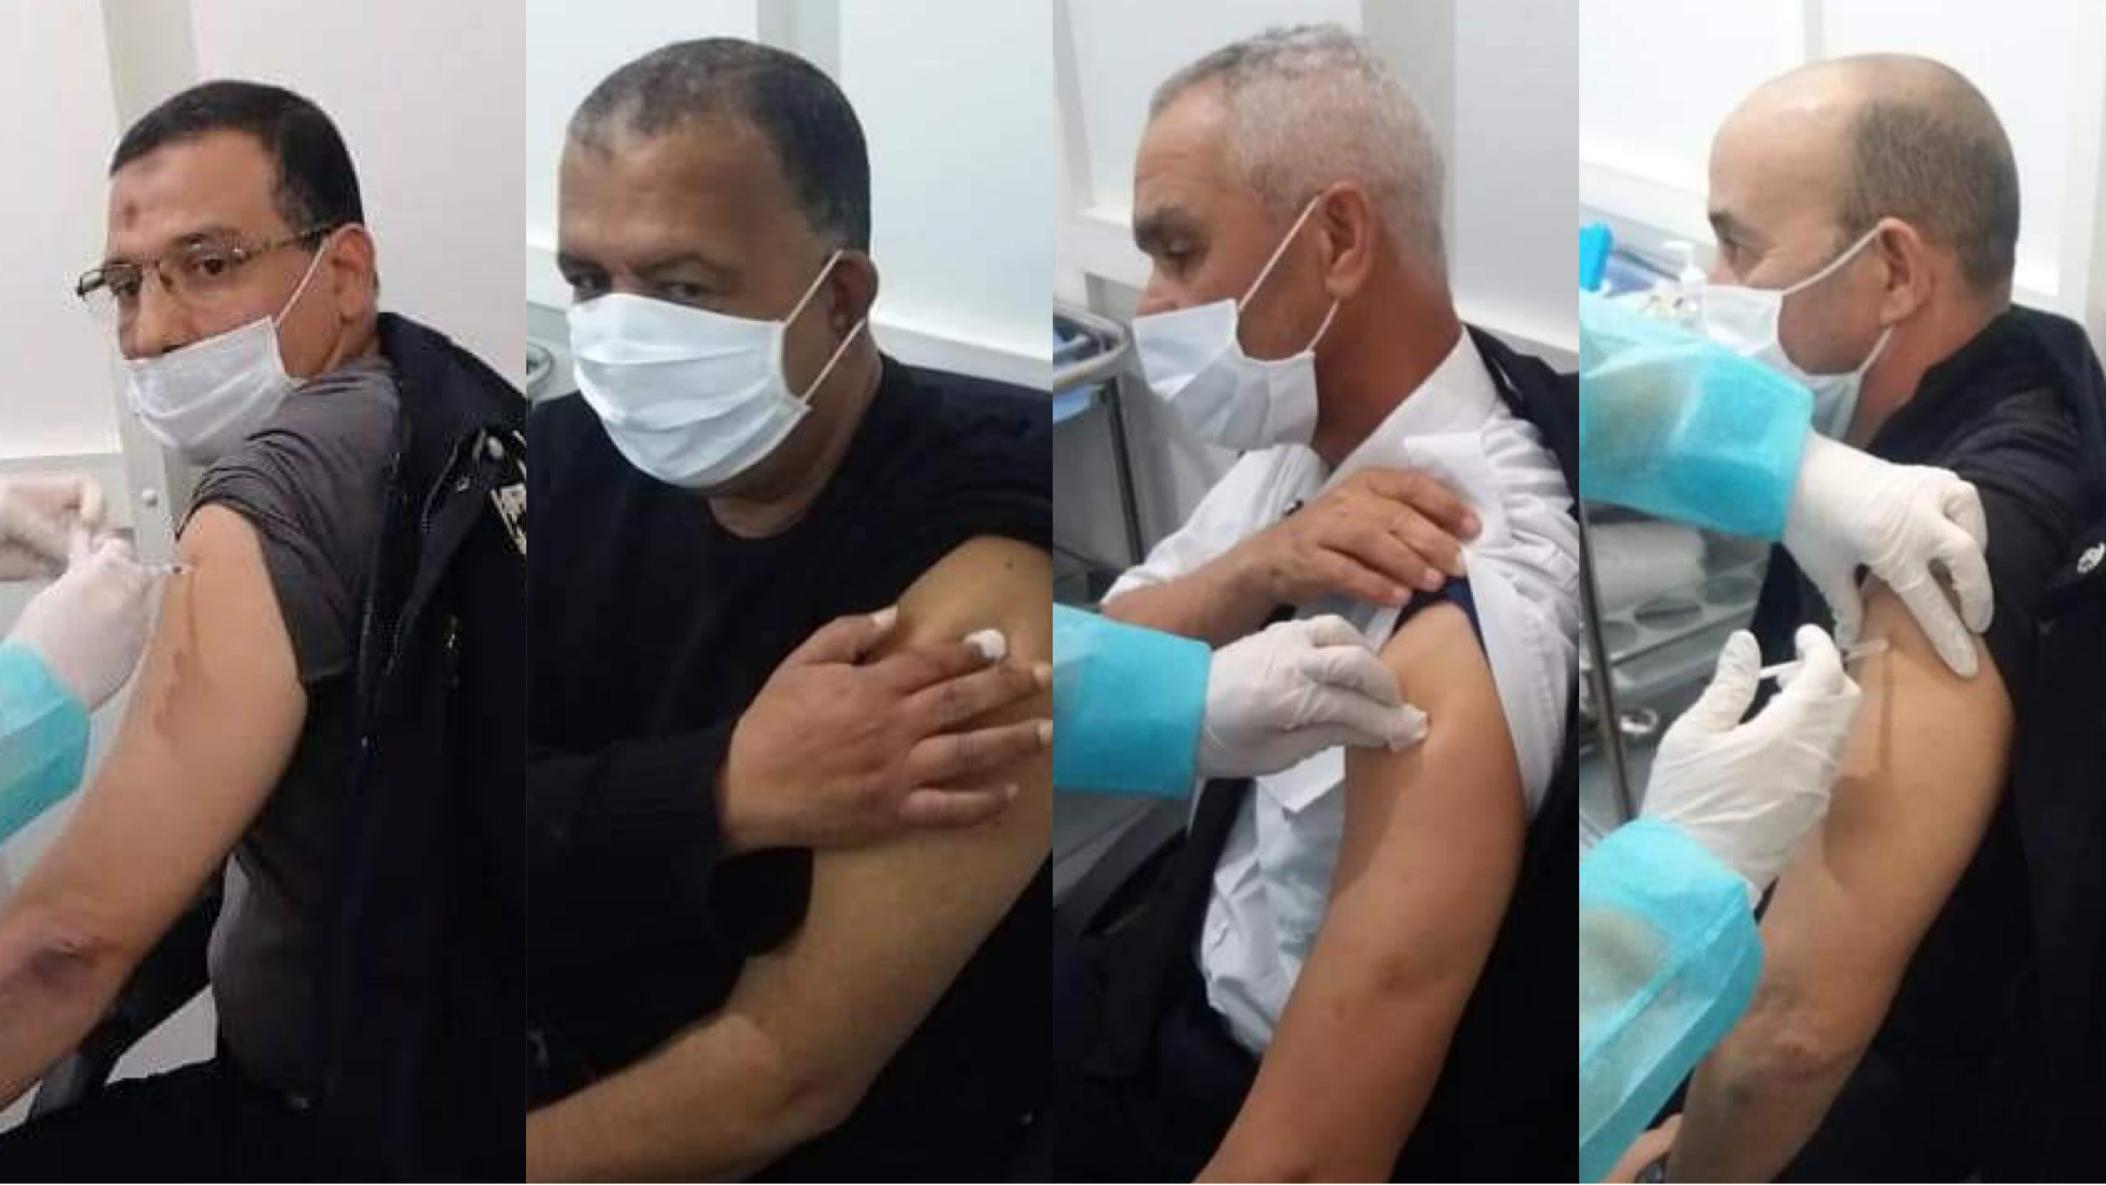 صورة انطلاق عملية التلقيح في صفوف رجال ونساء الأمن بأسفي